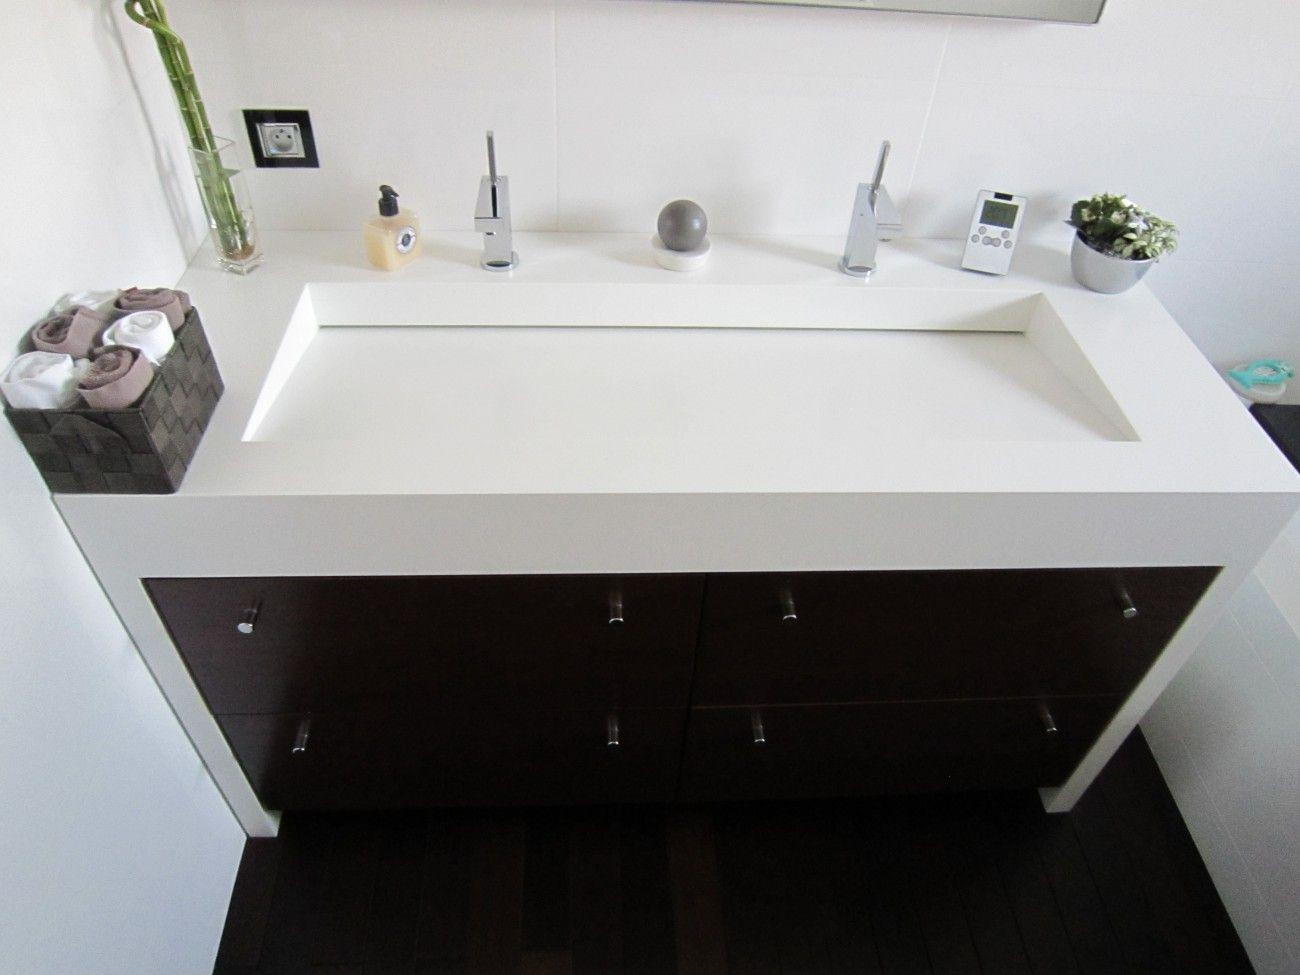 Plan vasque double avec vacuation dissimul e salle de bain pinterest salle de bain salle - Lavabos salle de bain ...